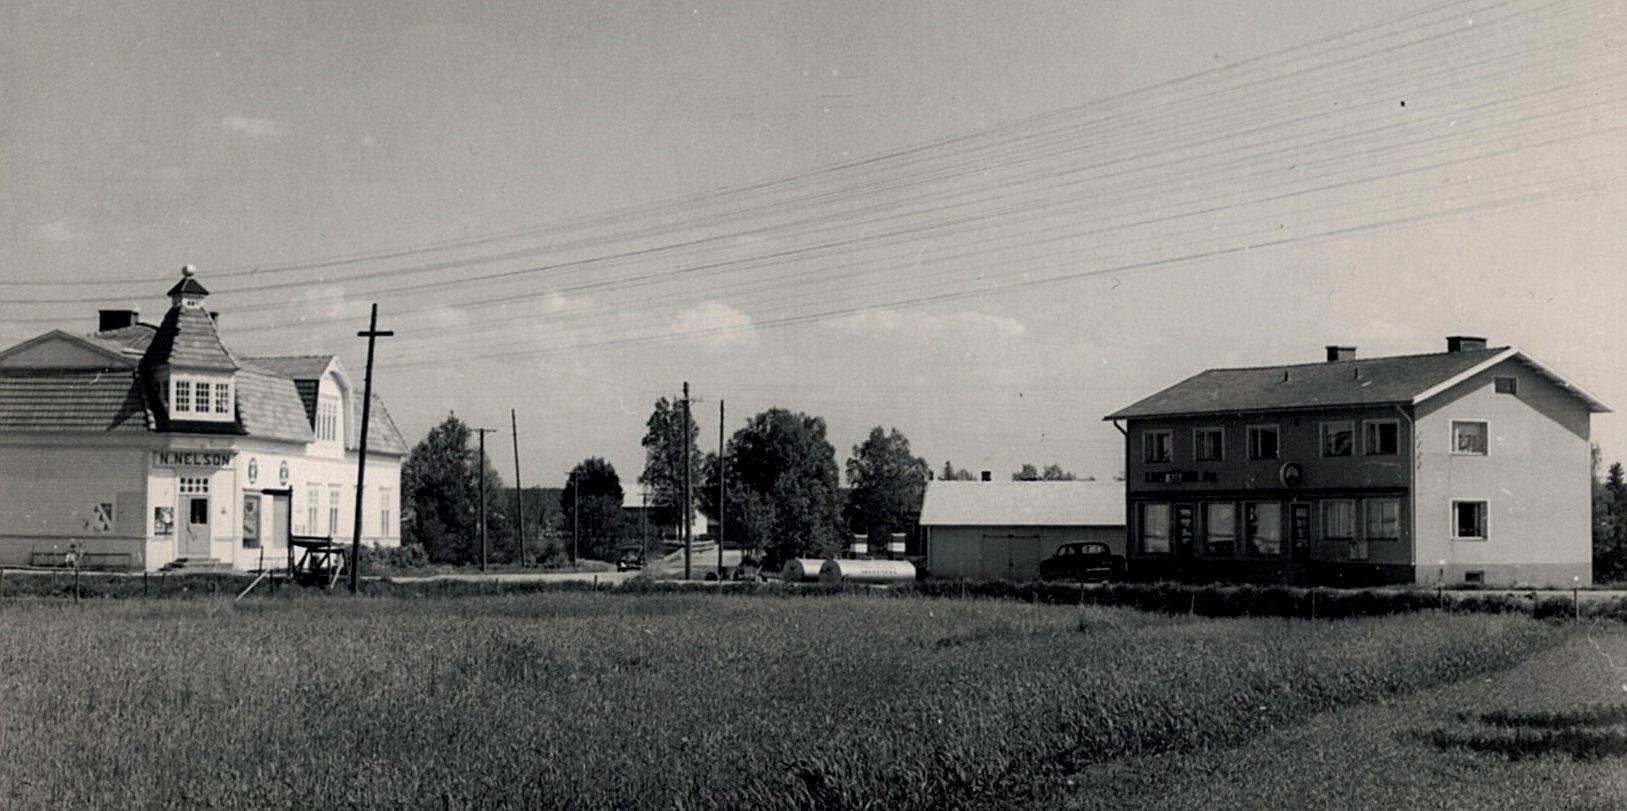 Nelsons affär till vänster och Sparbankshuset till höger. Fotot möjligtvis från slutet av 60-talet.